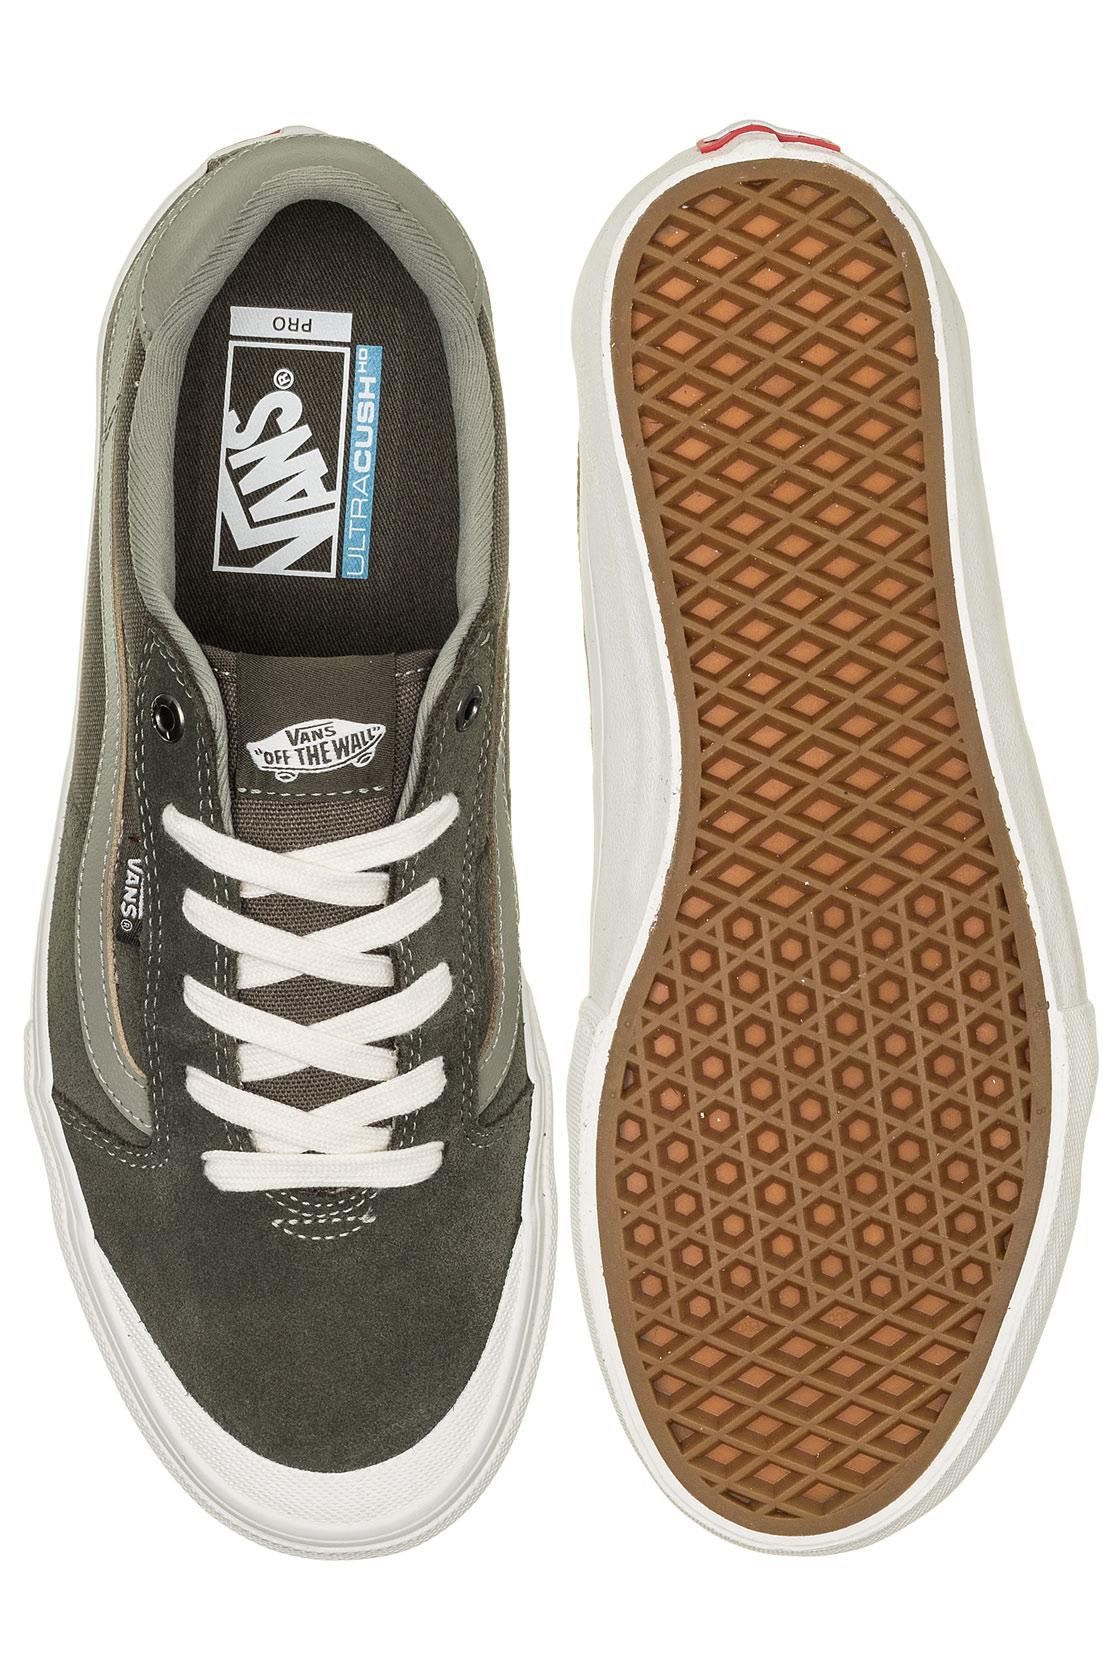 Vans Chaussuregrape Style Laurel Leaf Pro 112 Oak gY76bfy